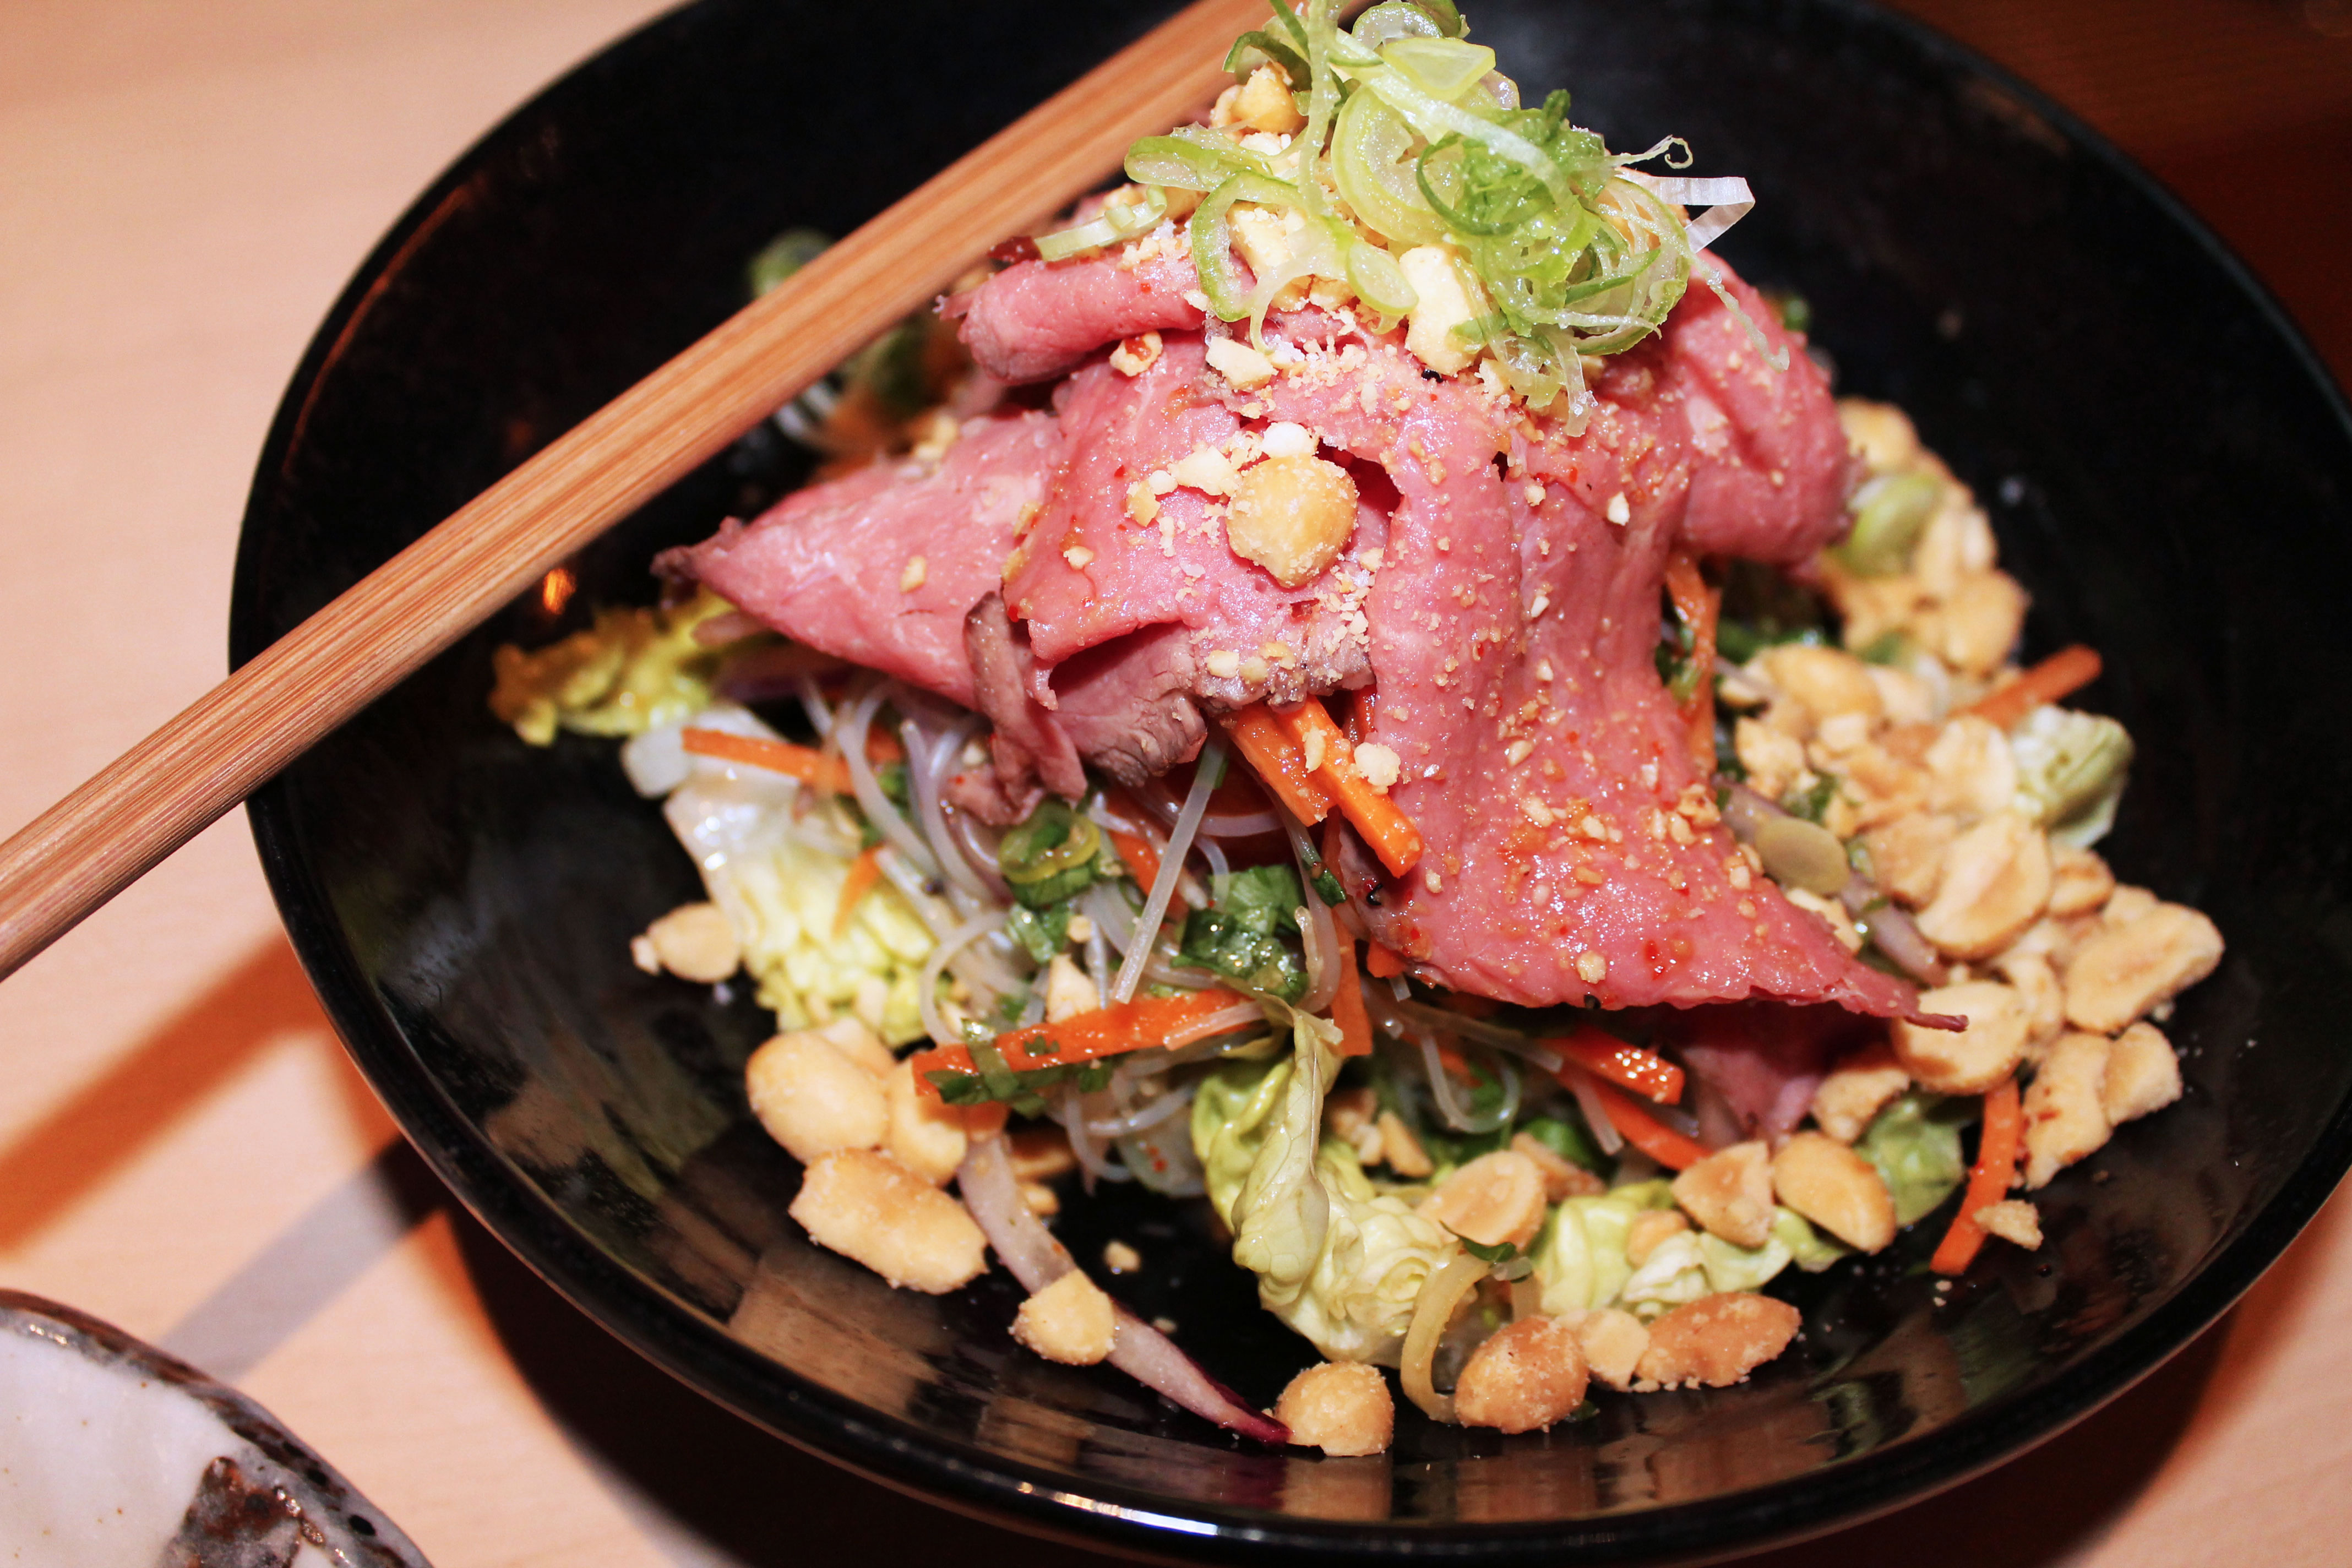 kardiaserena-iki-restaurant-erste-campus-lokaltipp-thai-style-beef-salat-mit-glasnudeln-limetten-chilli-dressing